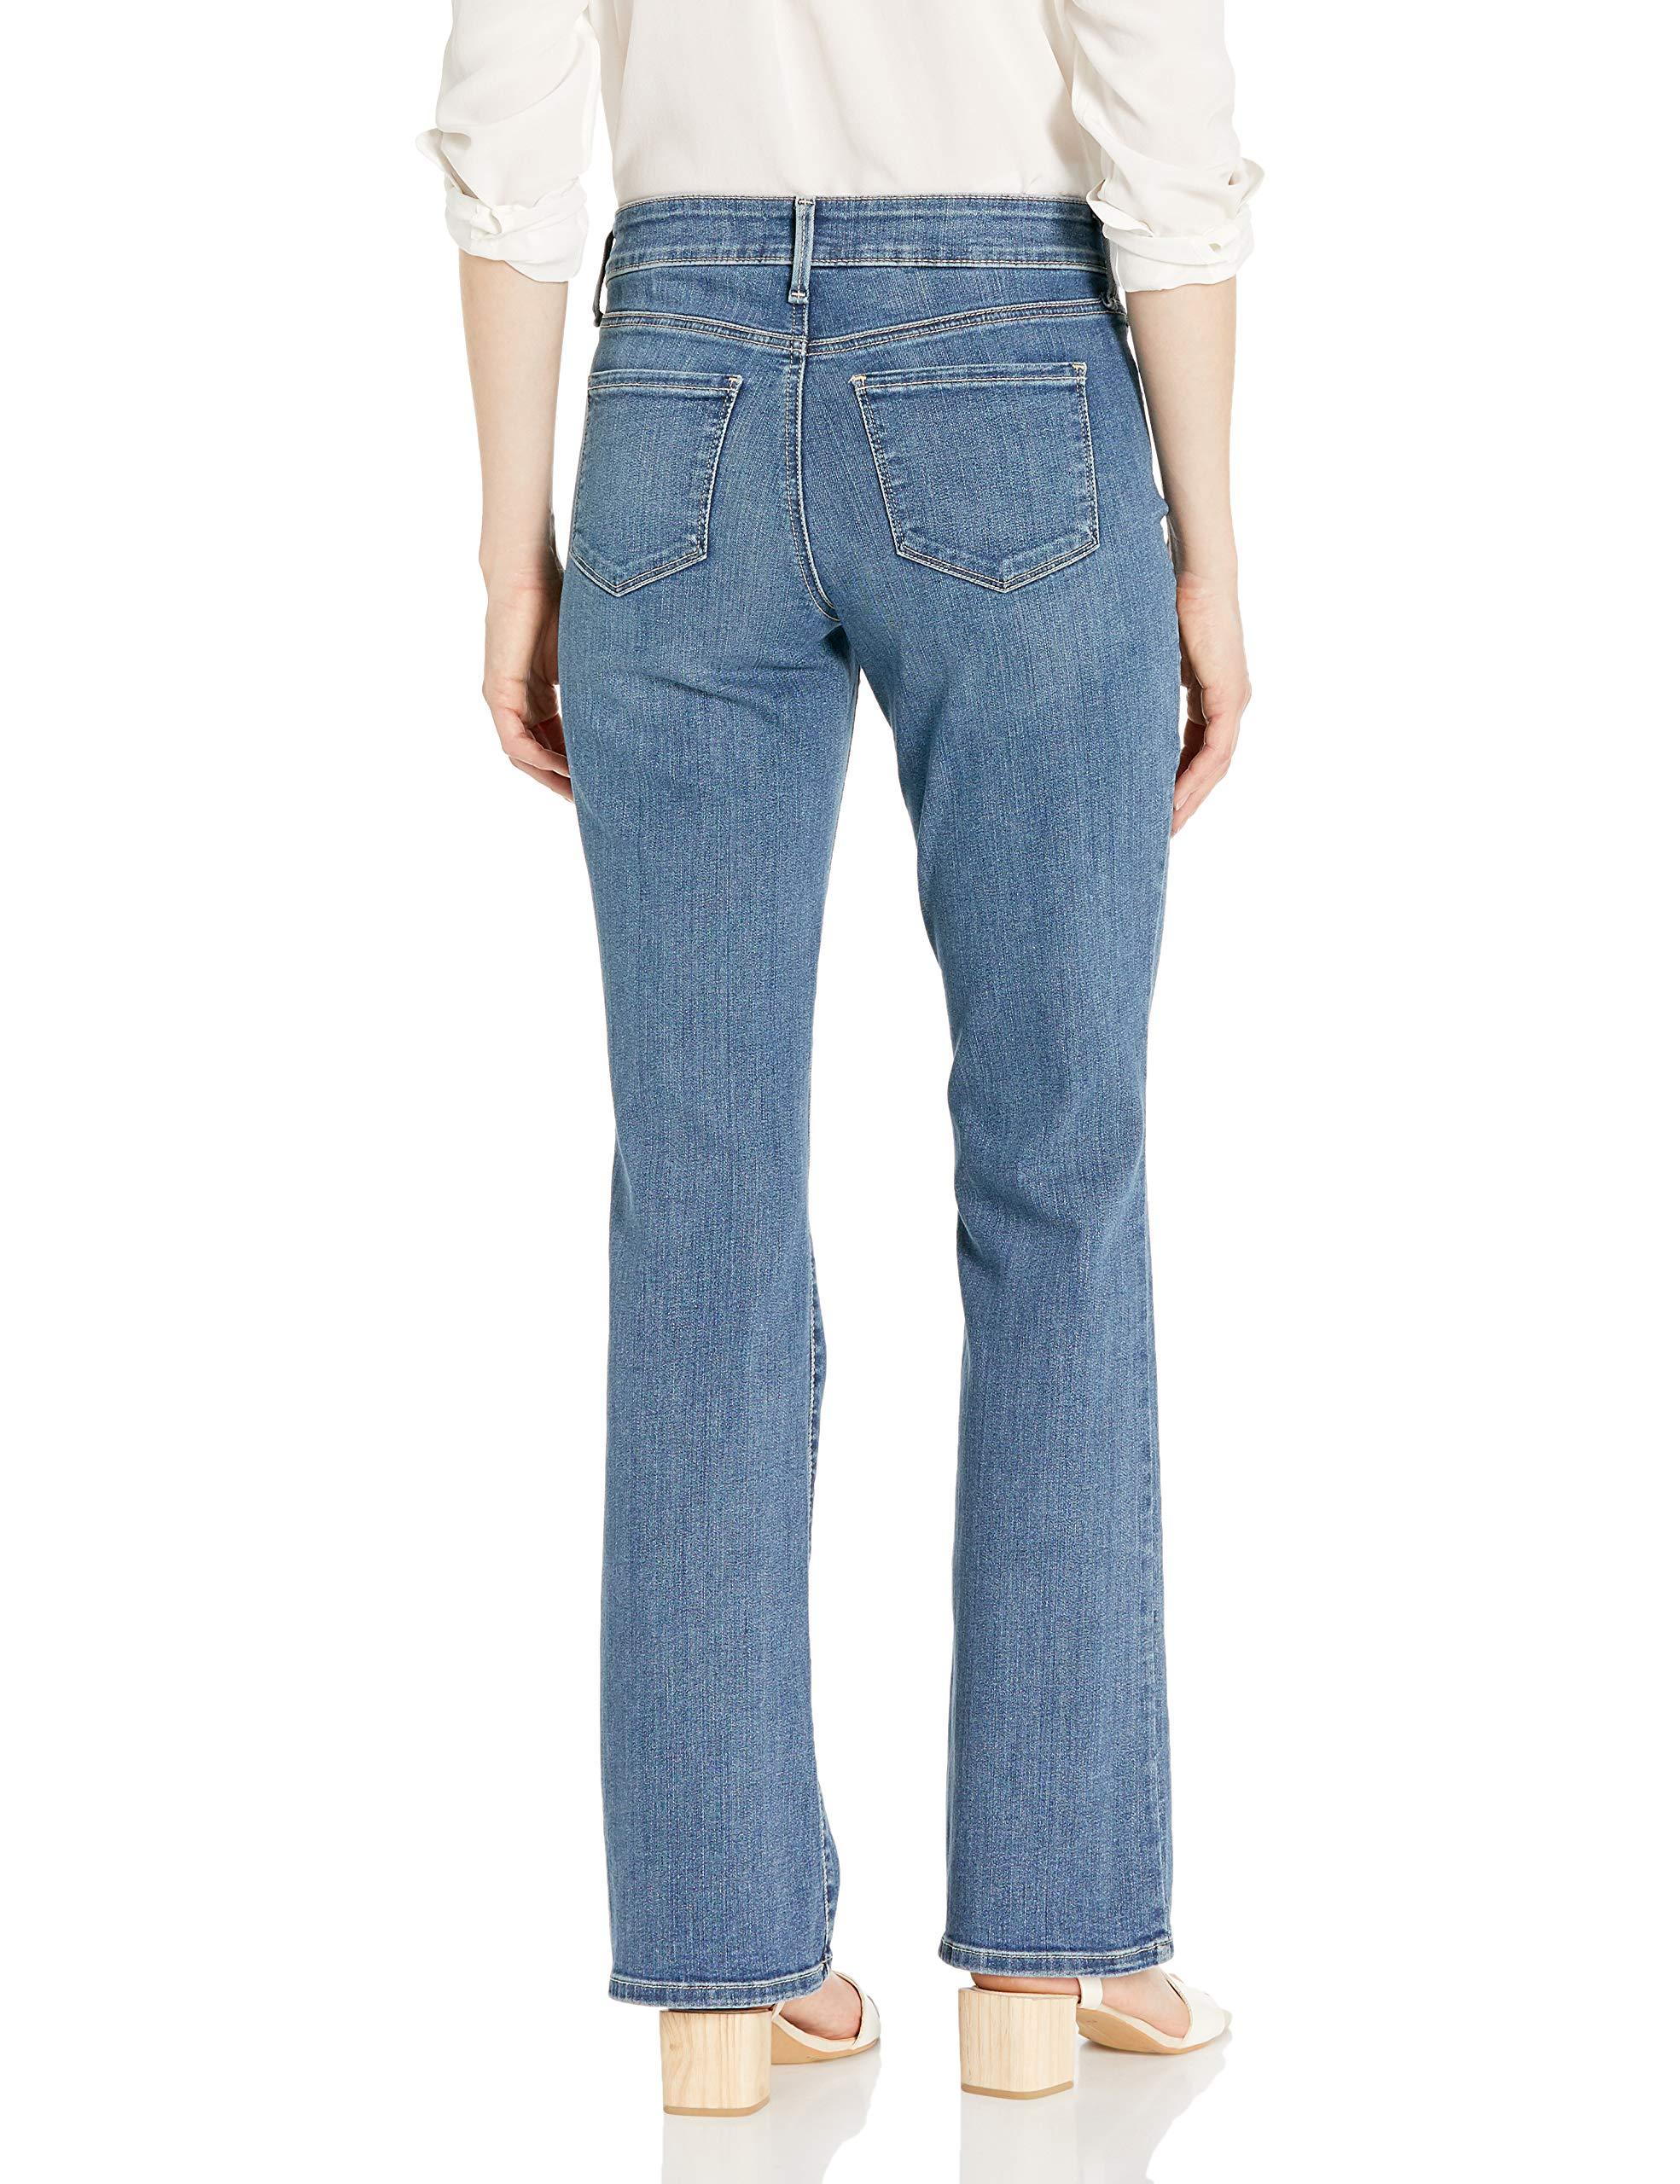 NYDJ Women's Barbara Boot-Cut Jeans